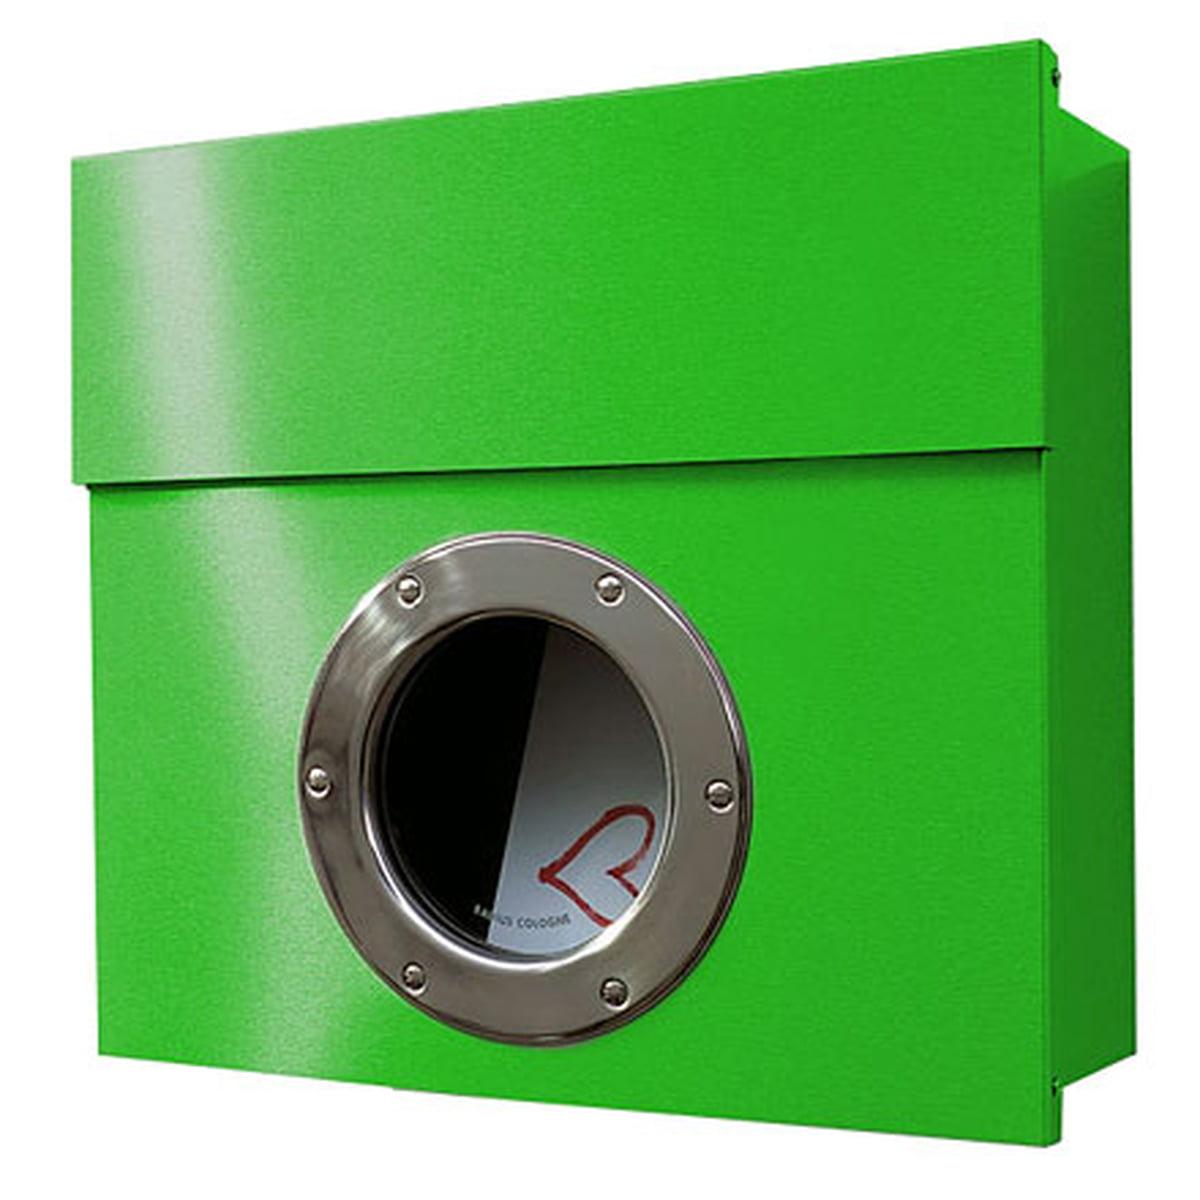 Briefkasten Letterman, grün